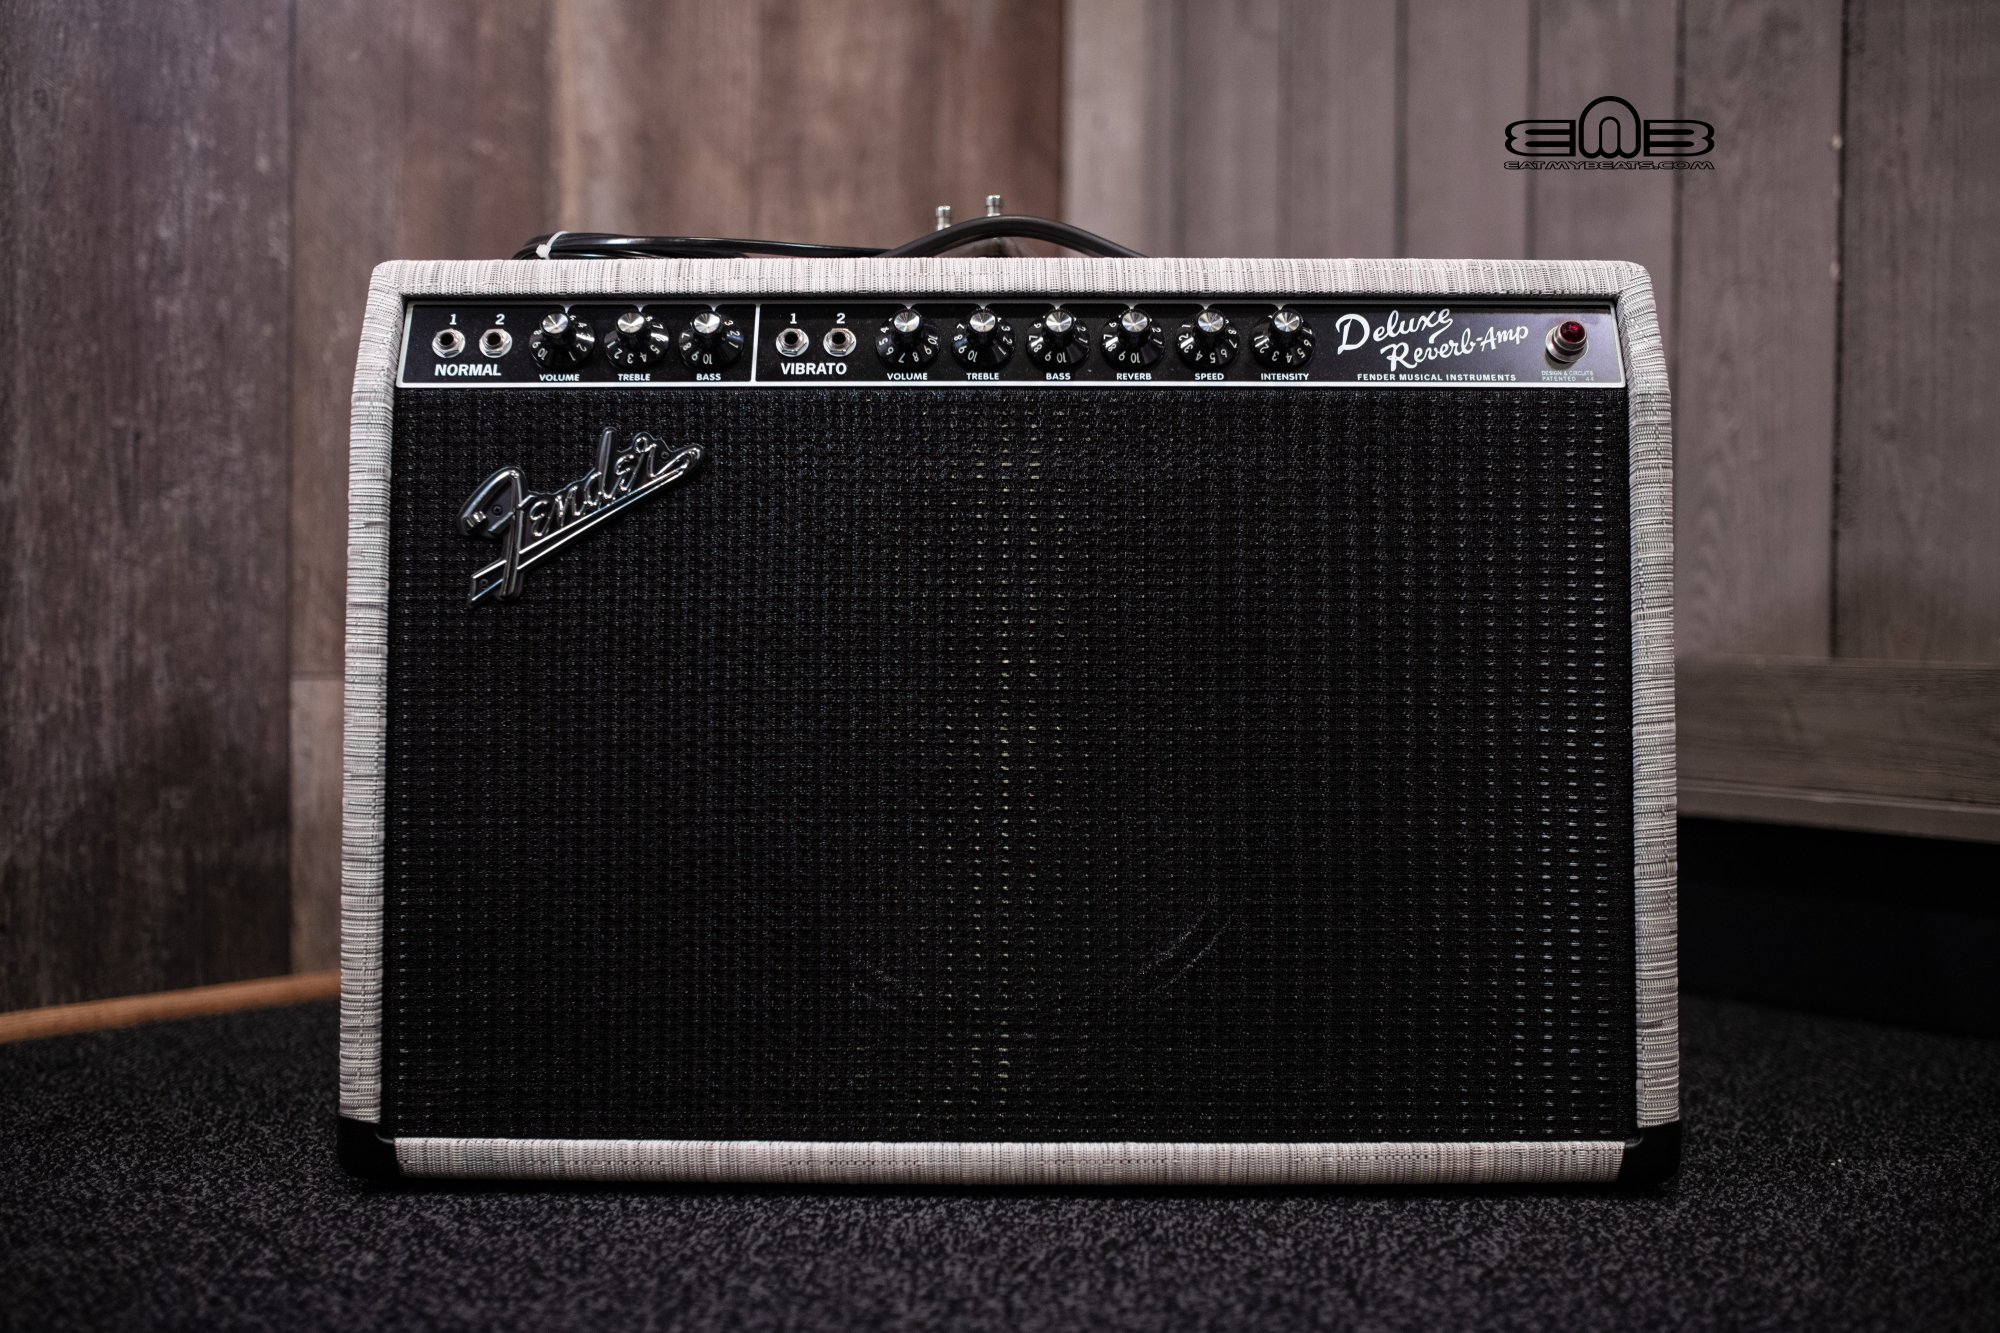 Fender FSR '65 Deluxe Reverb Chilewich Chalk Creamback